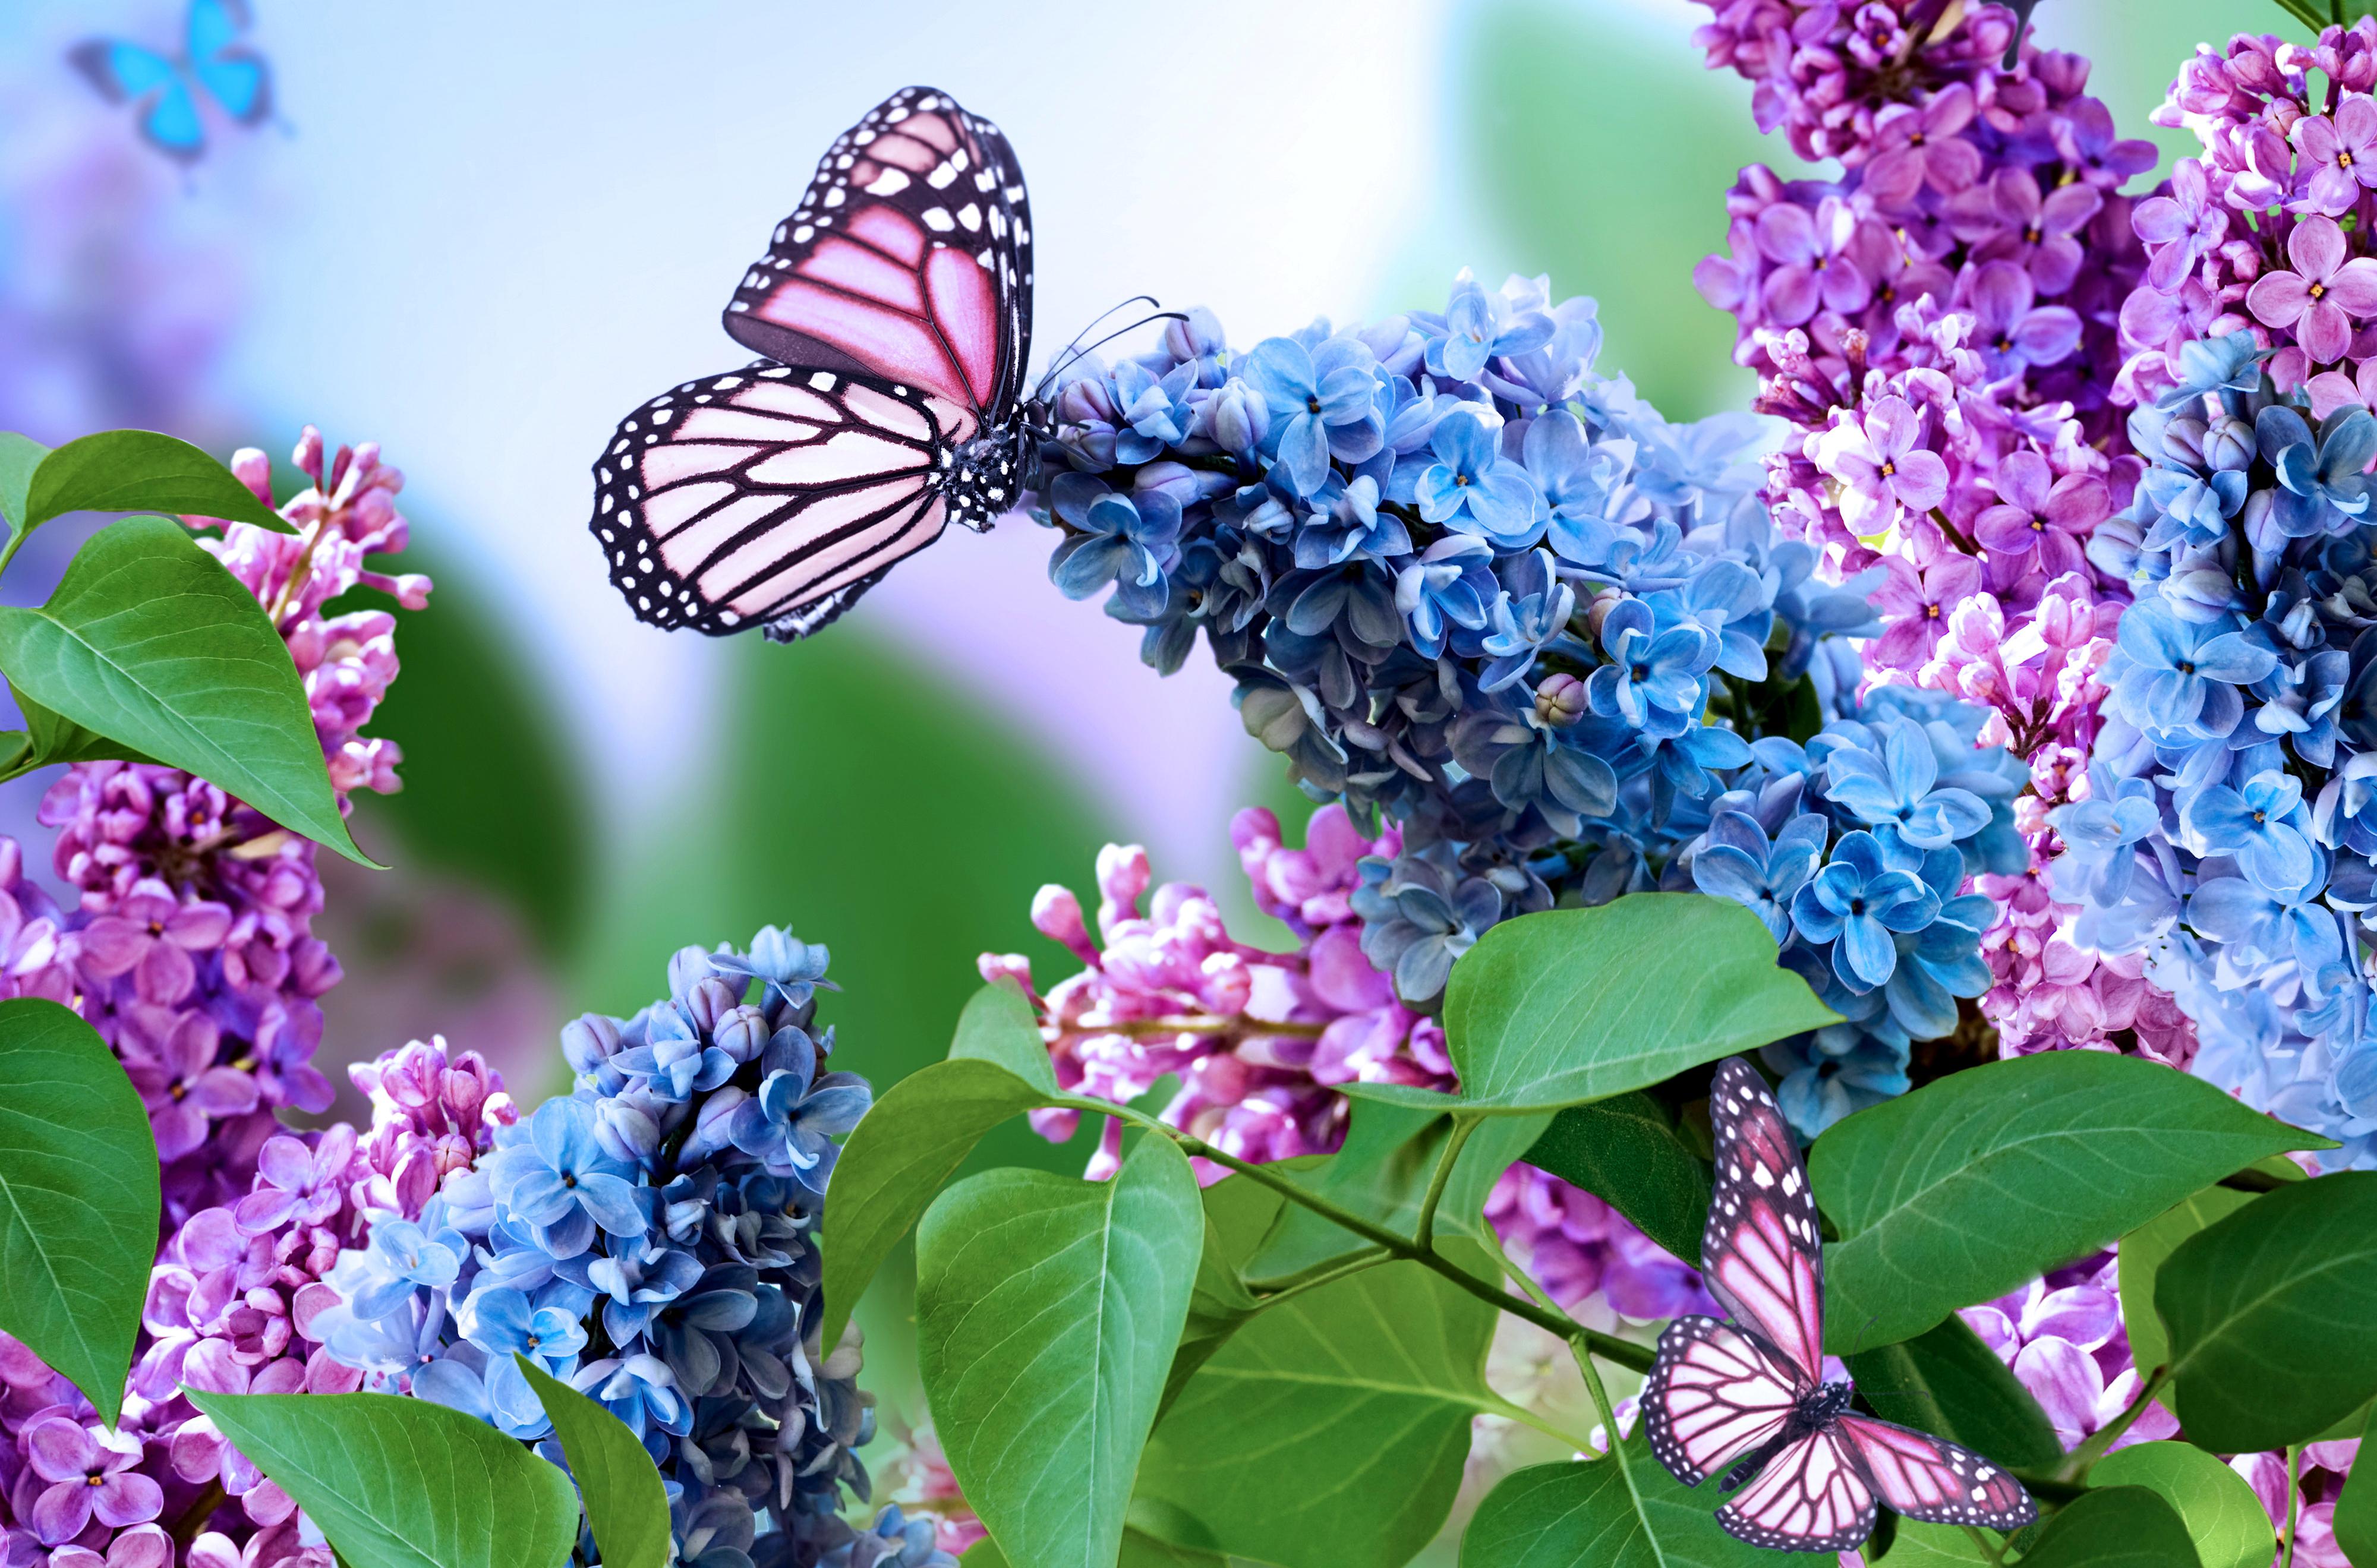 Картинка: Сирень, цветы, бабочка, листья